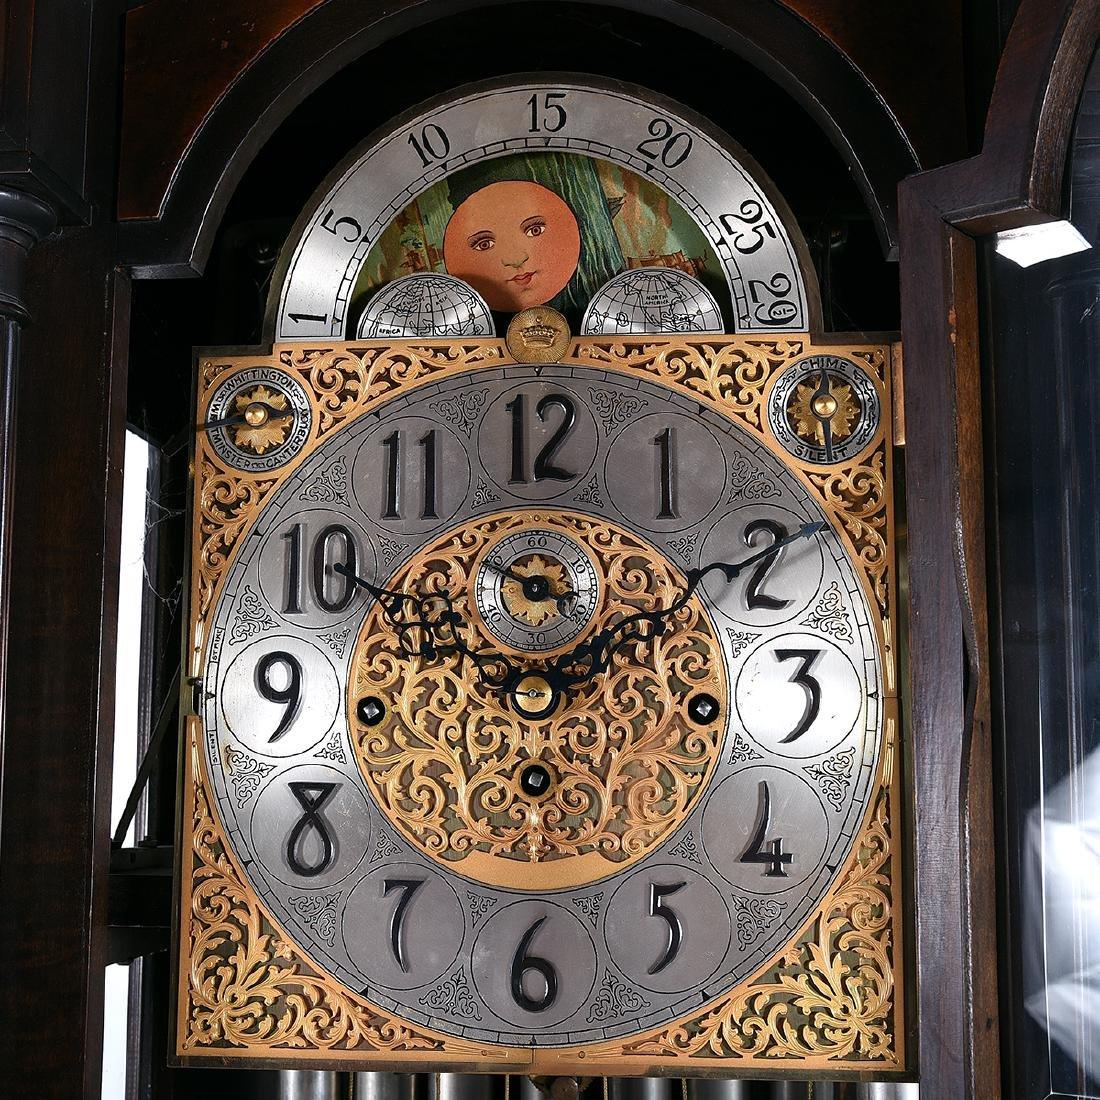 Heschede Hall Clock Co. Longcase Clock - 2